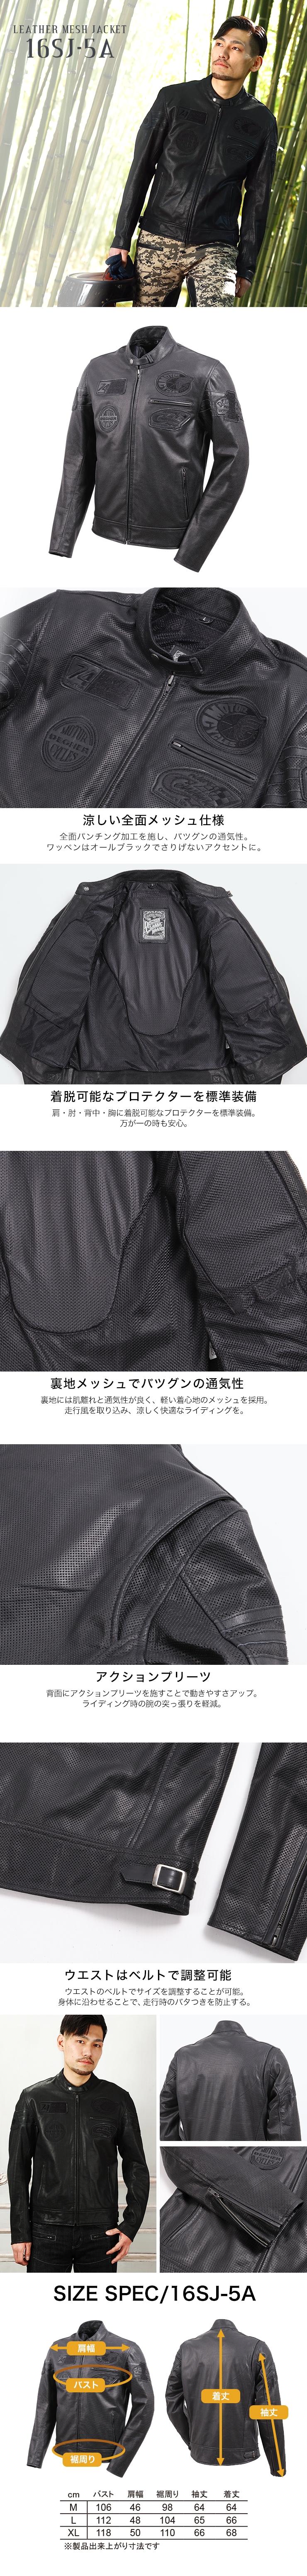 デグナー DEGNER ライダースジャケット 16SJ-5A メンズ 本革 レザー